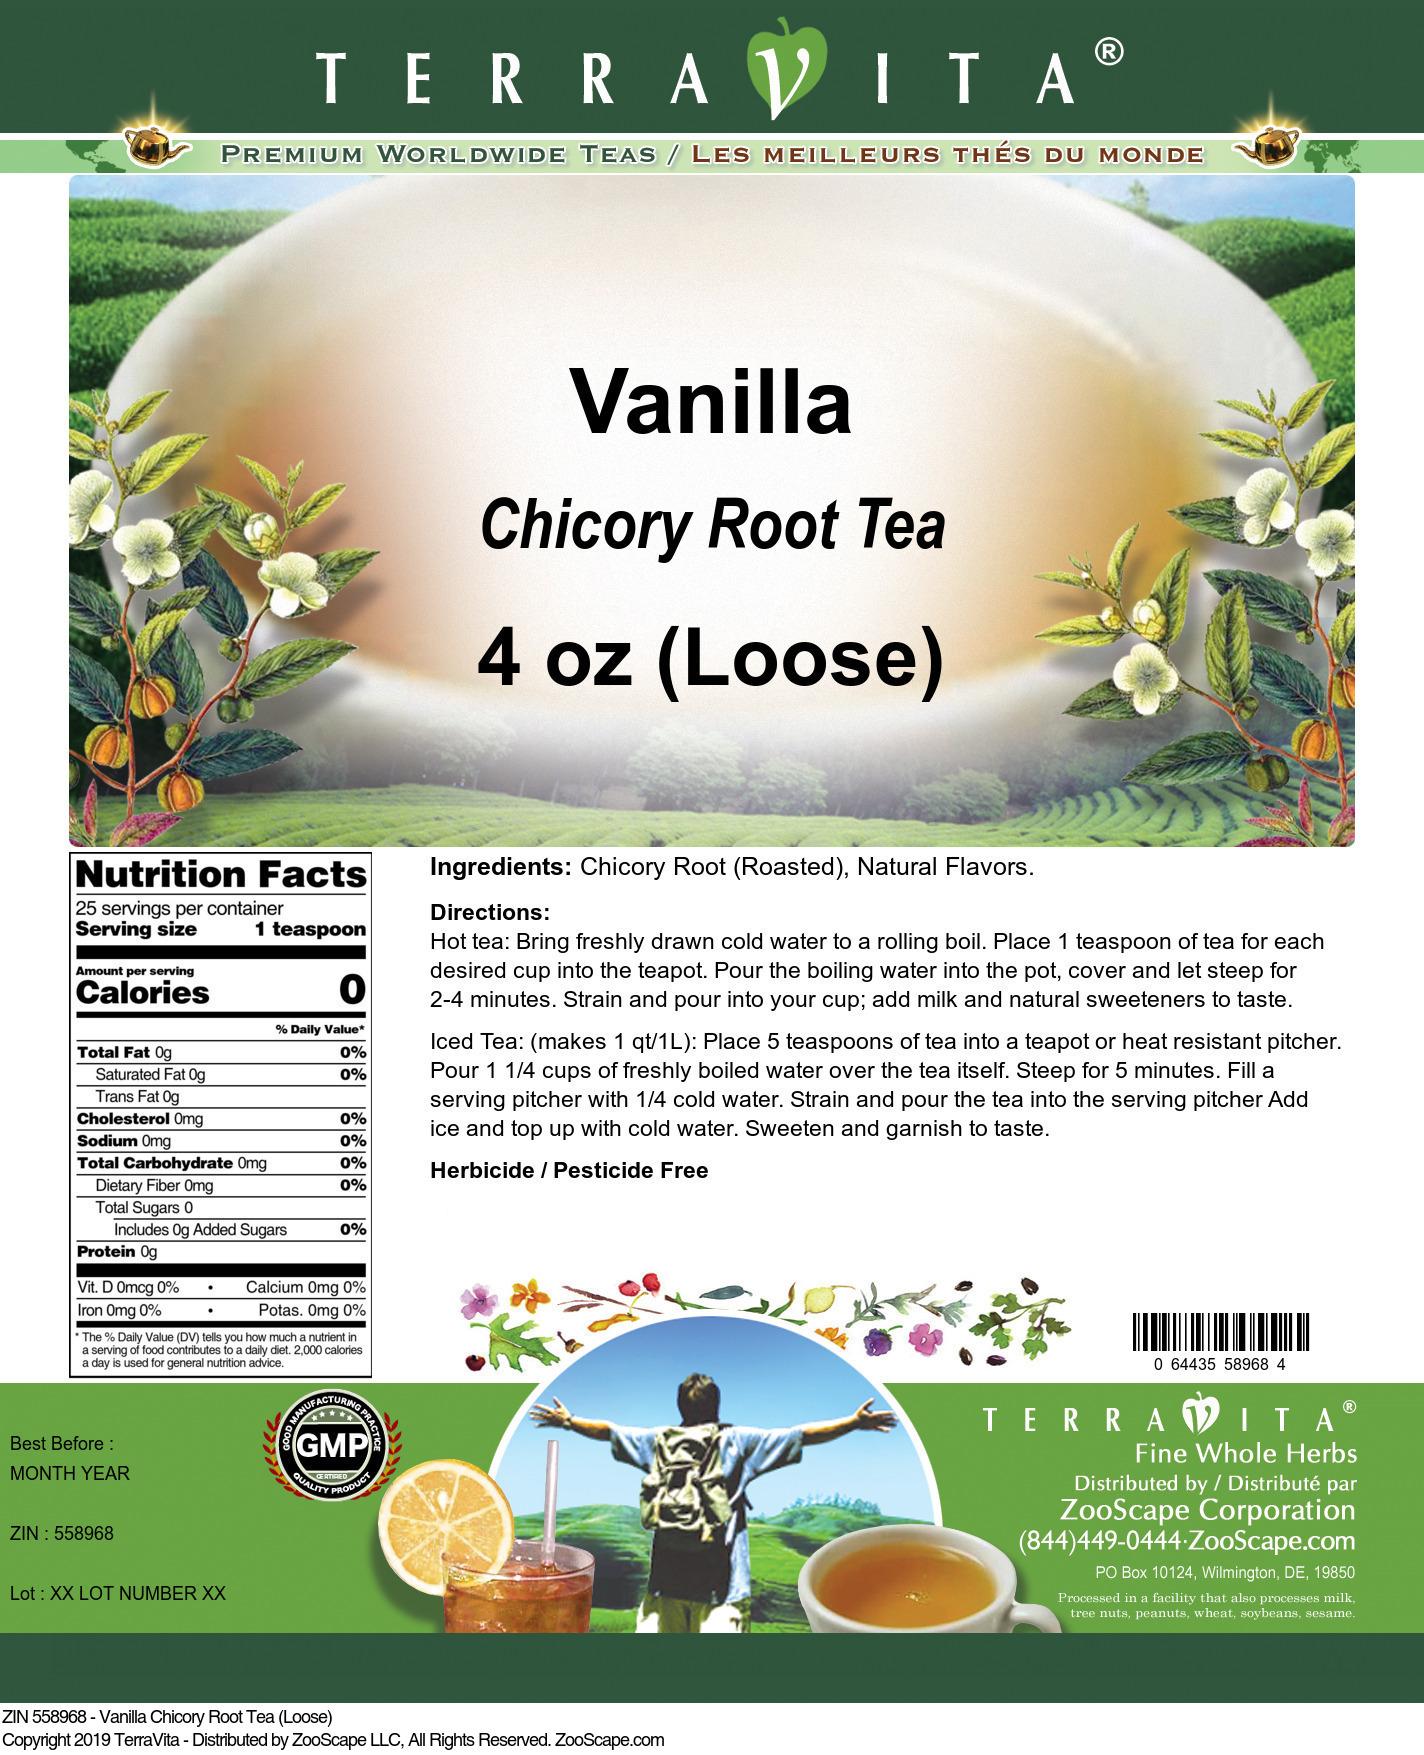 Vanilla Chicory Root